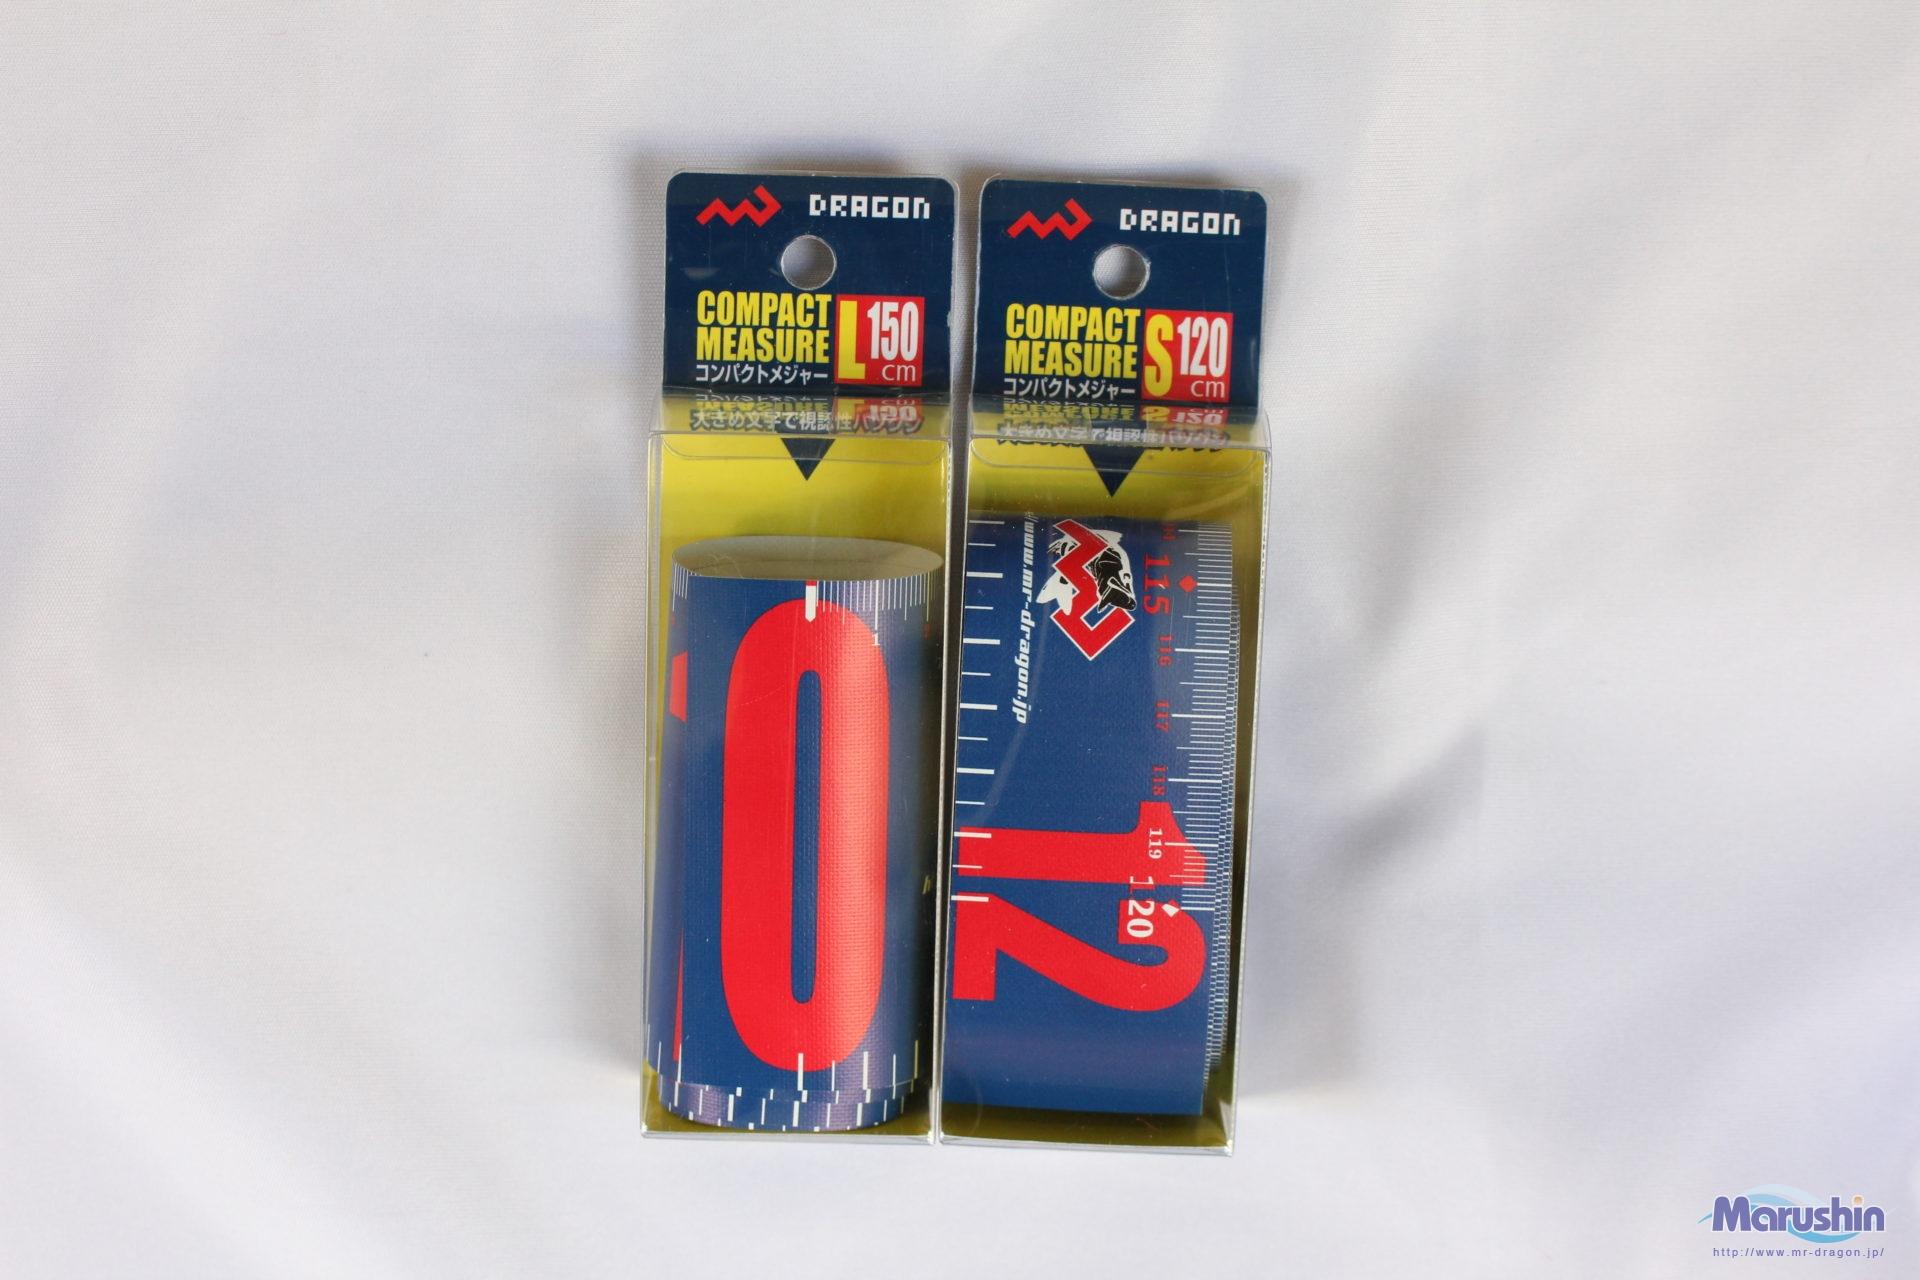 コンパクトメジャー S:120cm、L:150cmイメージ画像